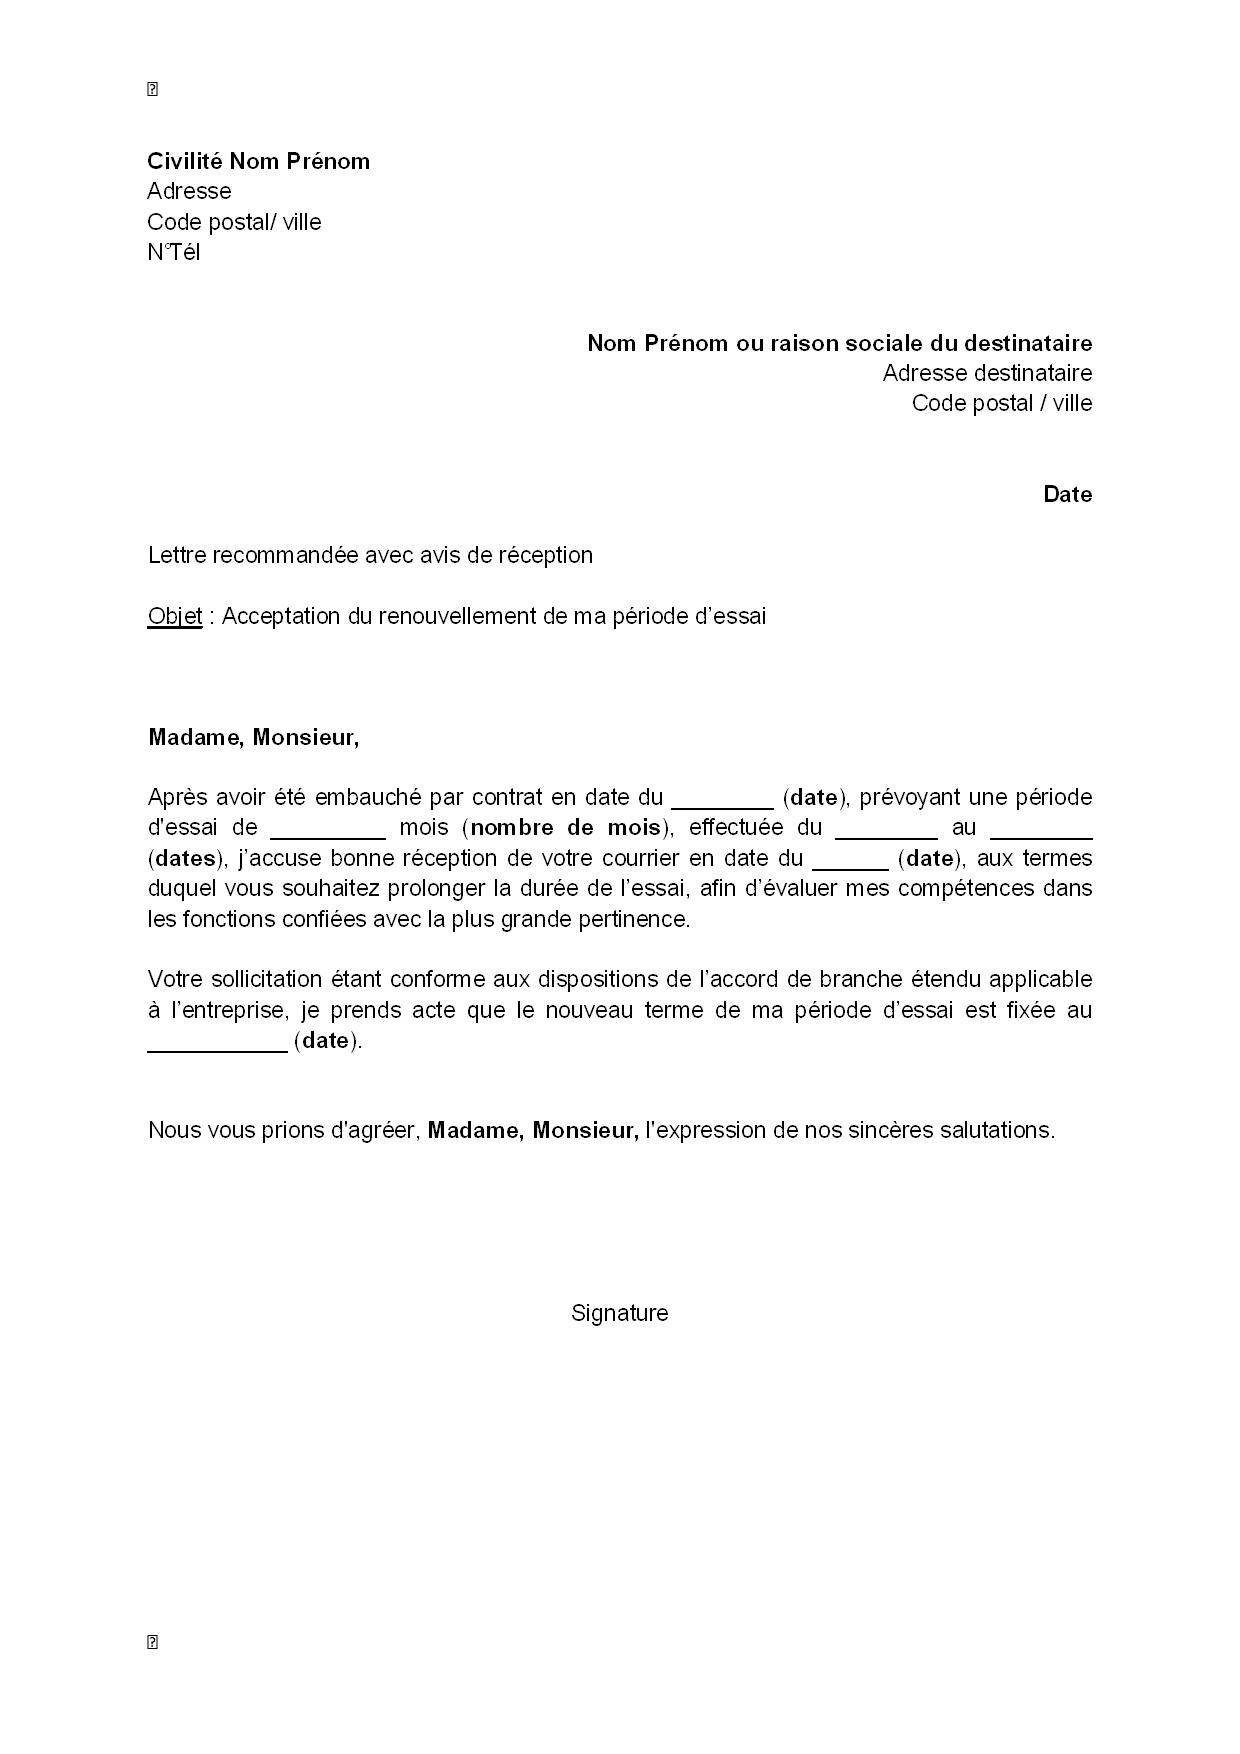 exemple de lettre de renouvellement de contrat